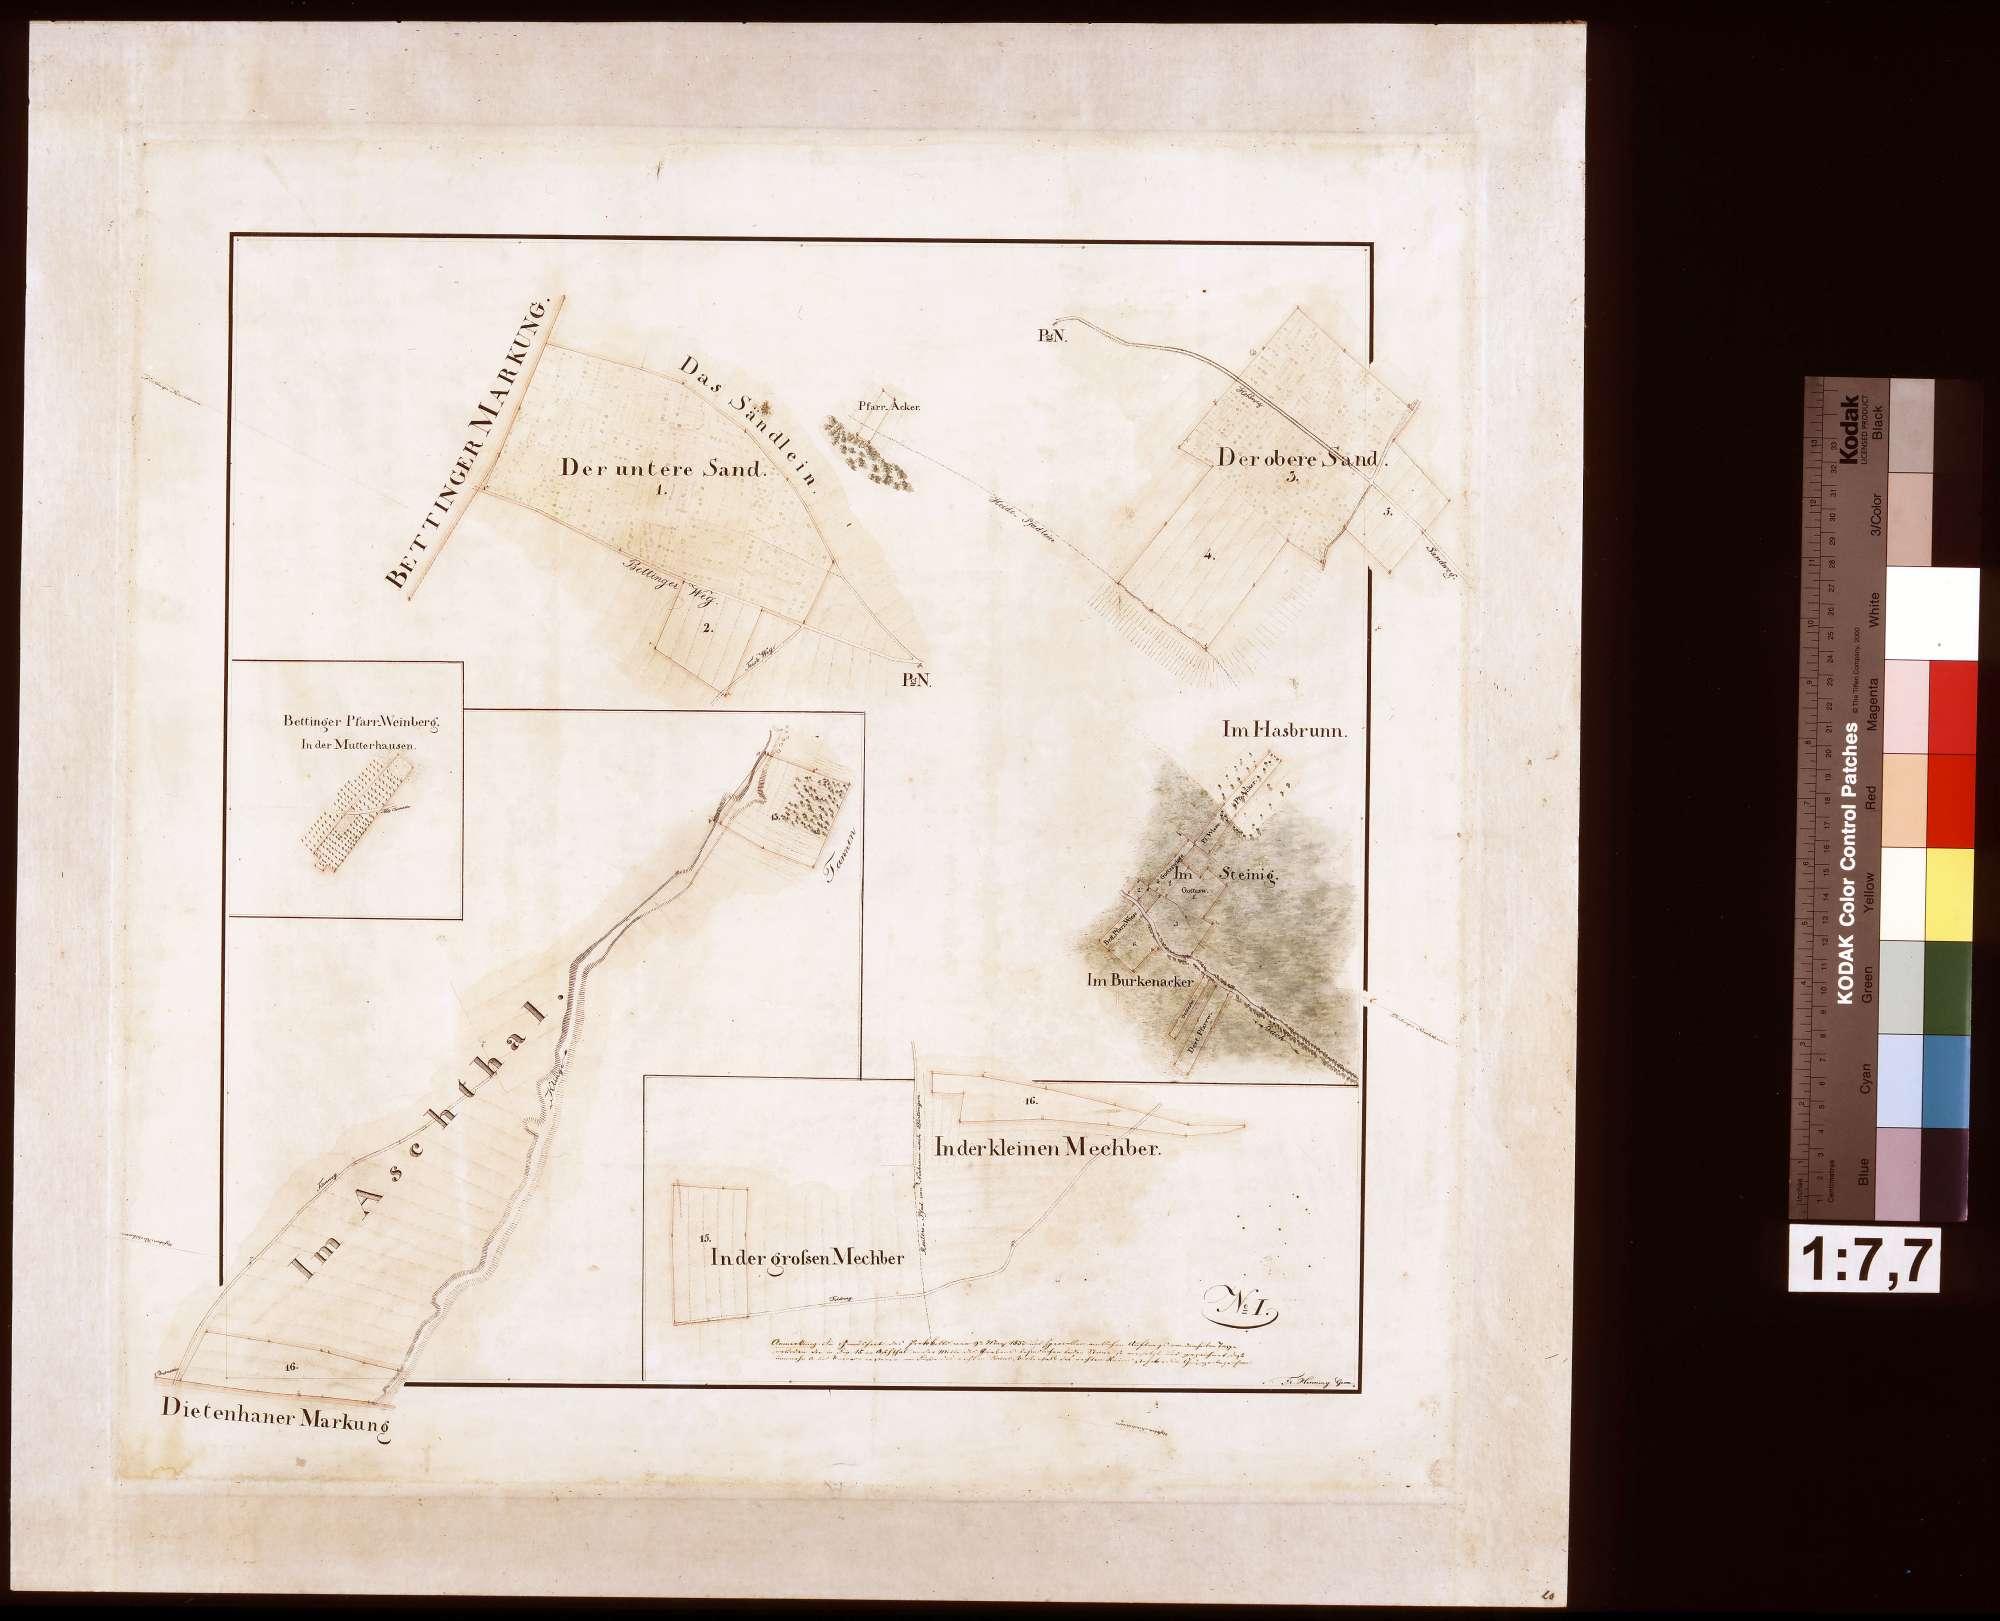 [Fluratlas gemeinherrschaftlicher Grundstücke auf Gemarkung Dertingen] Blatt No. I (Hauptkarte mit 3 Nebenkarten), Bild 1